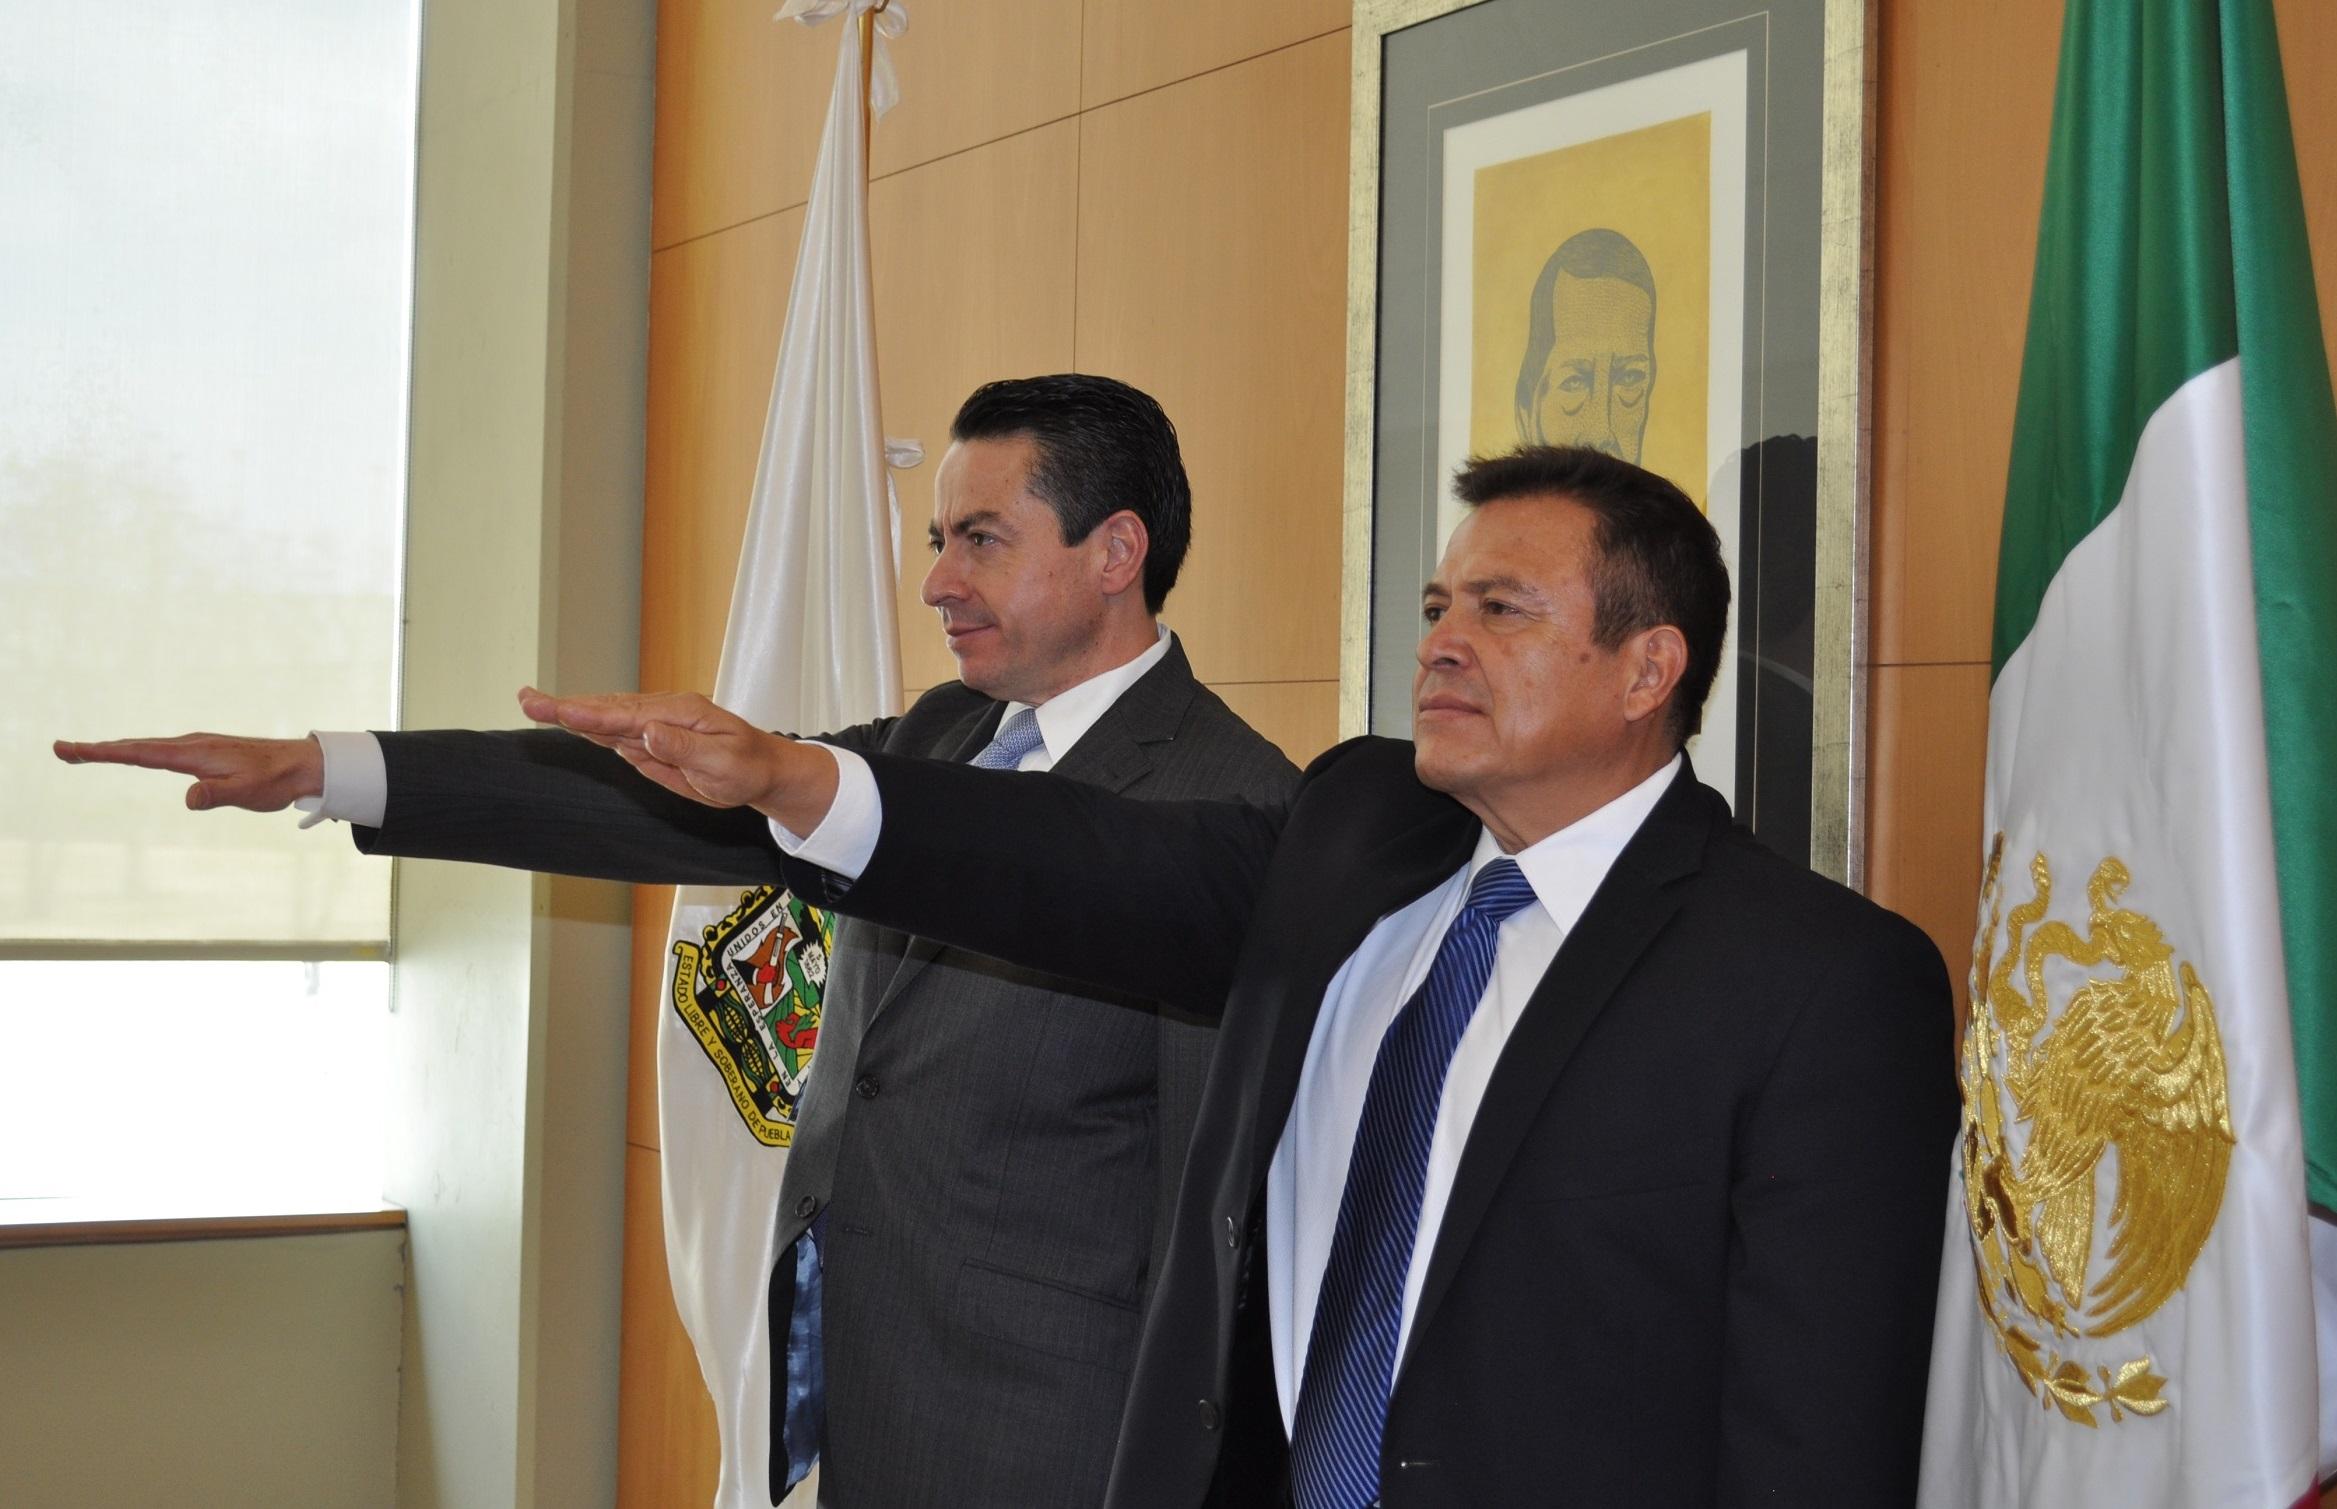 Joel Sánchez Roldán presidirá Comisión de Vigilancia en Consejo de la Judicatura